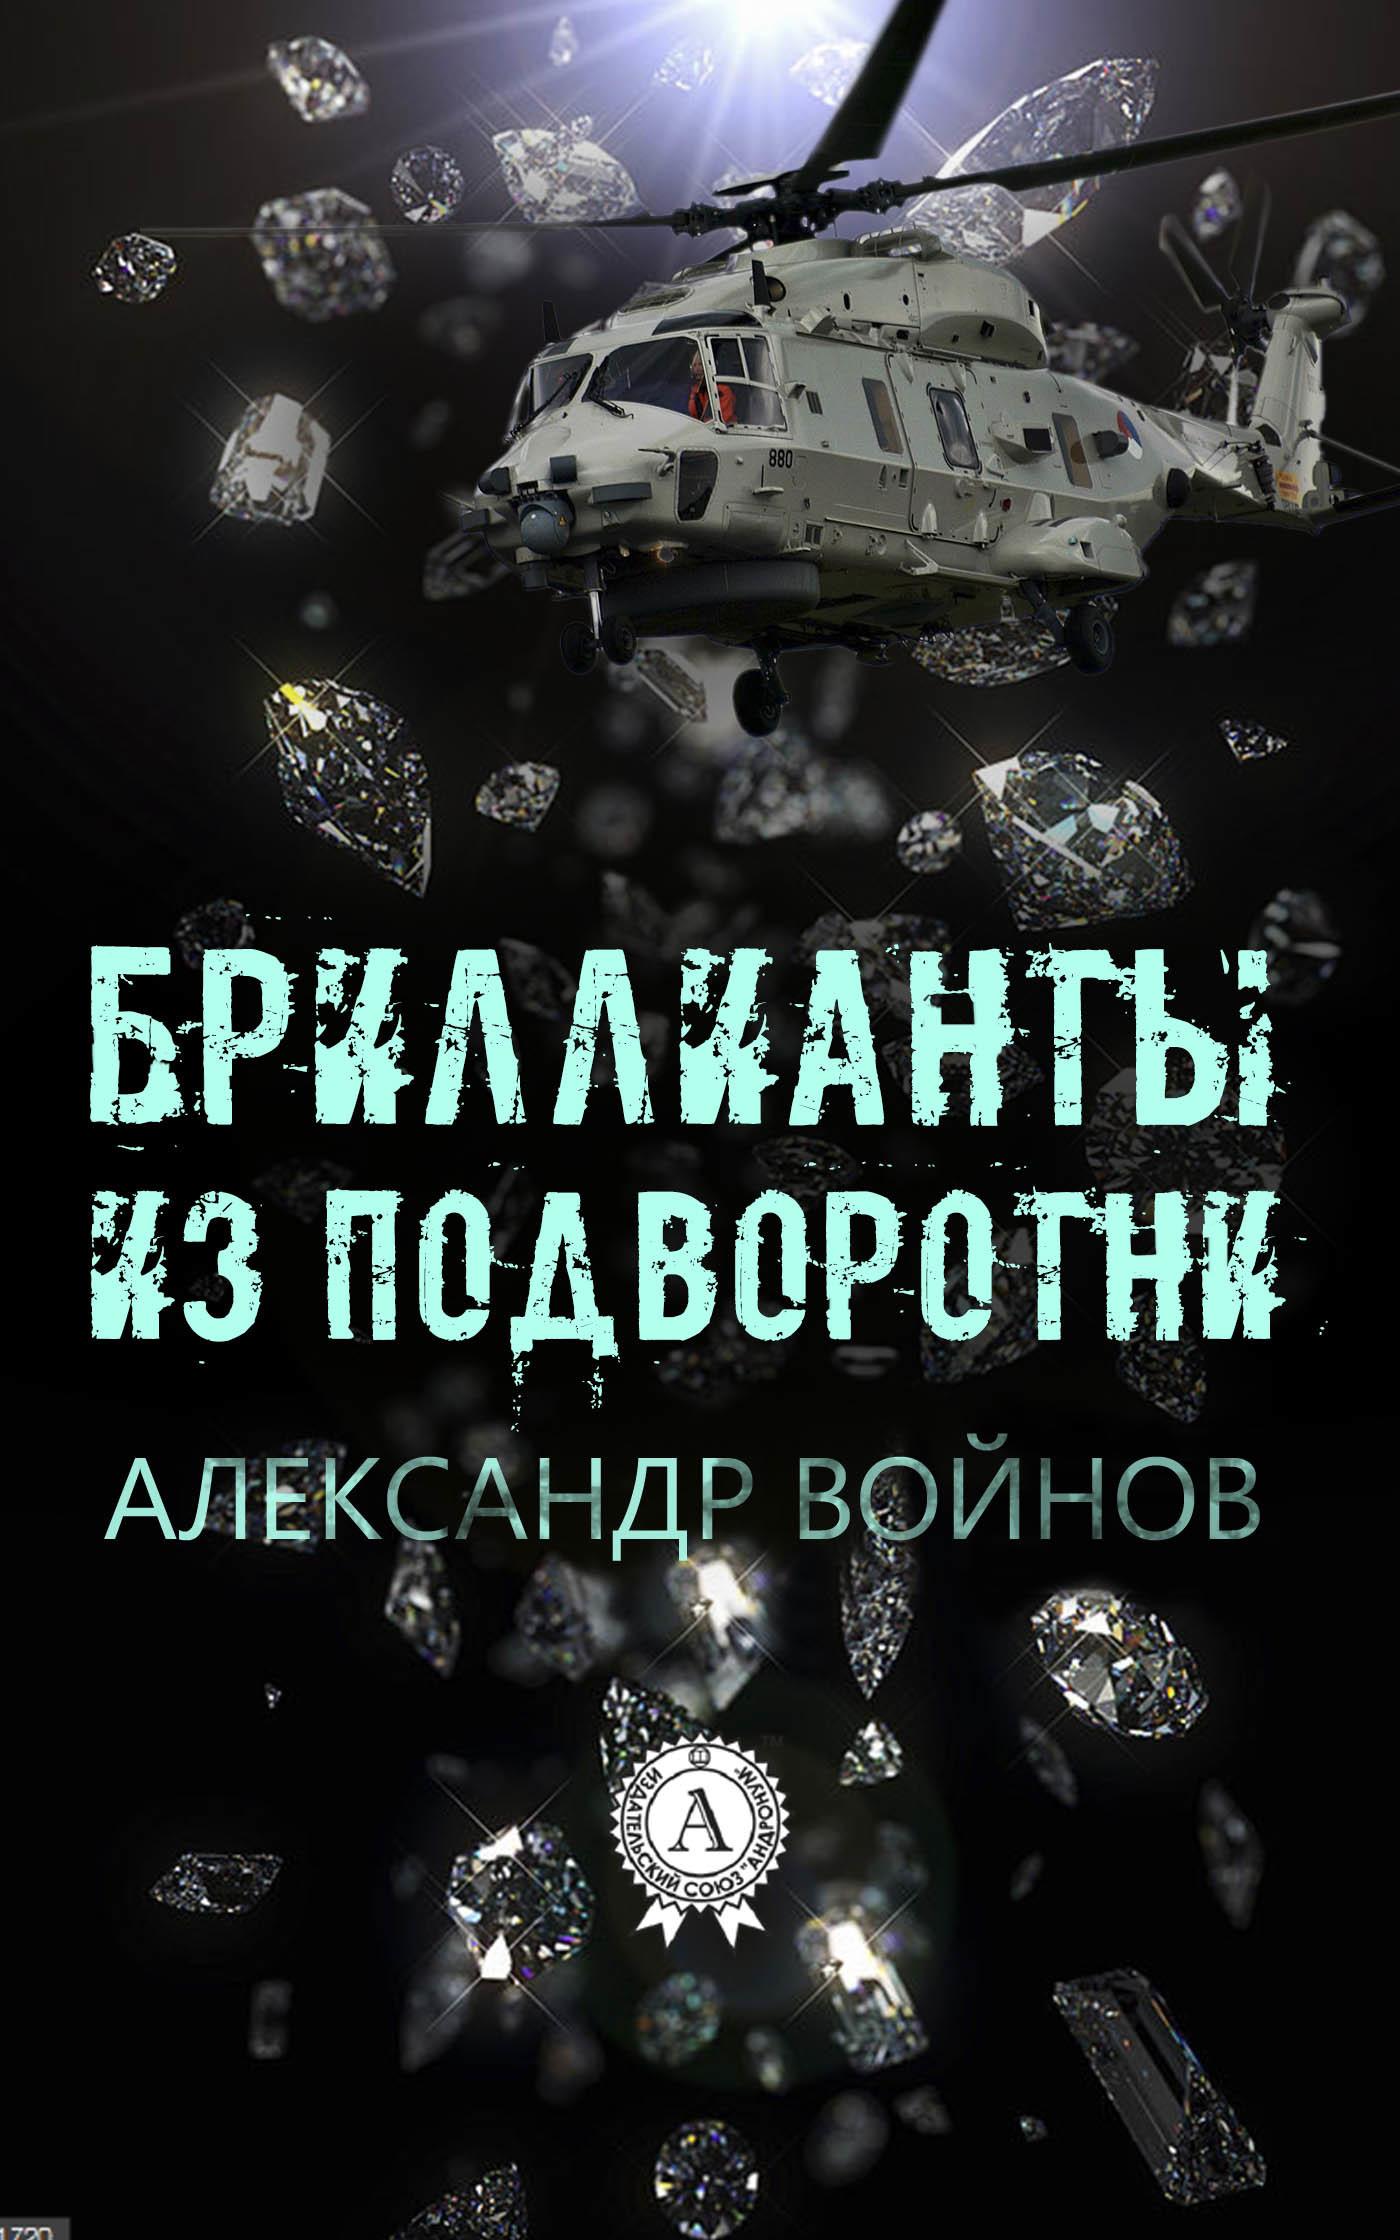 Александр Войнов Бриллианты из подворотни